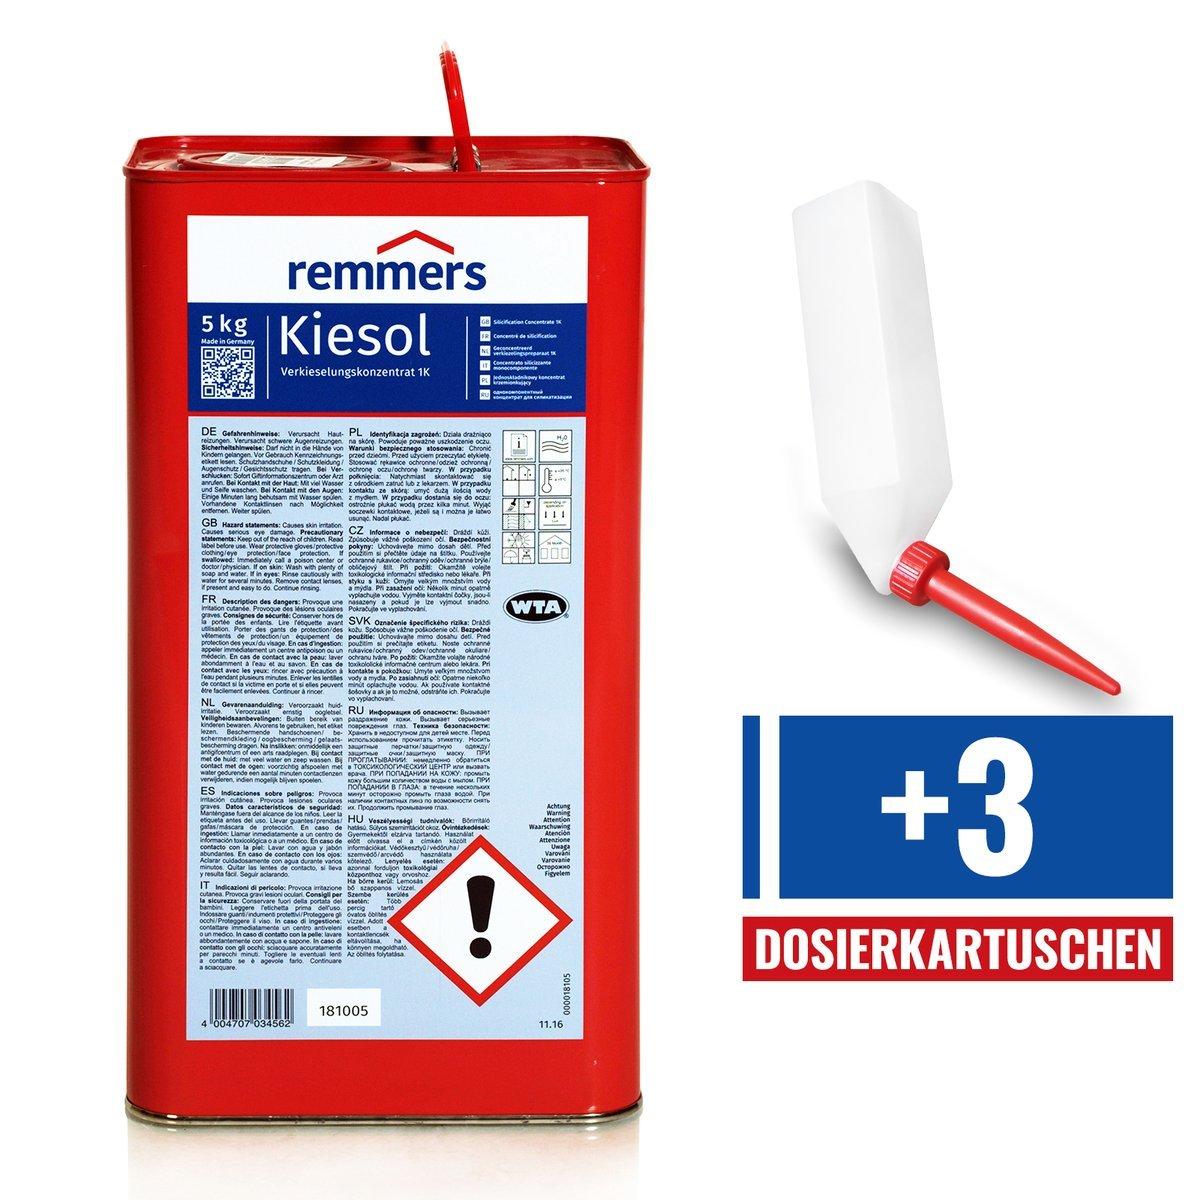 Ongebruikt Set REMMERS KIESOL 5 KG Verkieselung Abdichtung + 3 UW-72